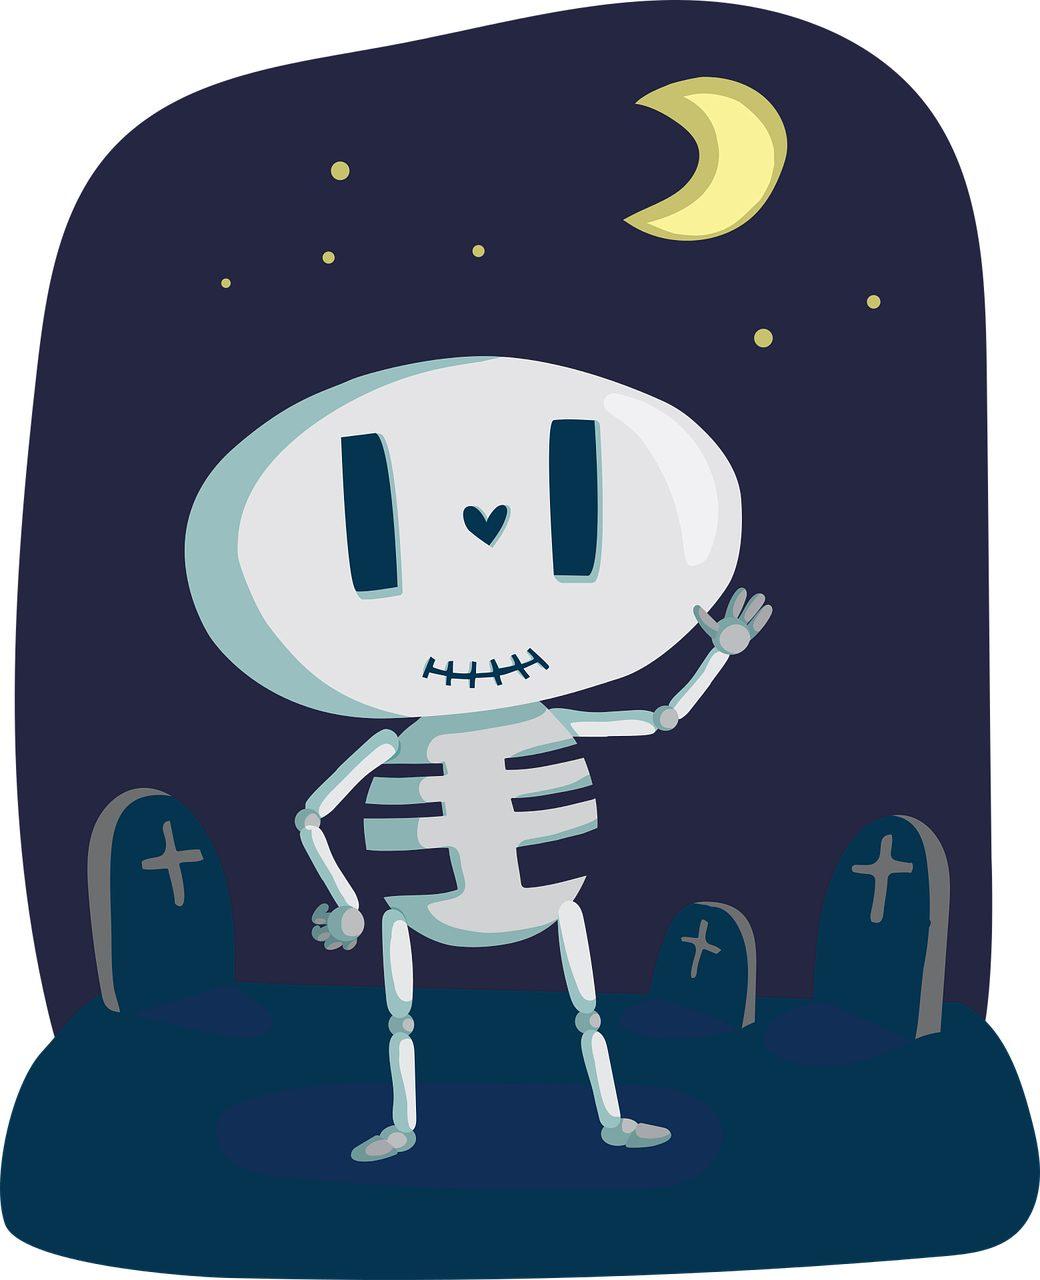 esqueleto, tumbas, cementerio, luna, huesos - Fondos de Pantalla HD - professor-falken.com